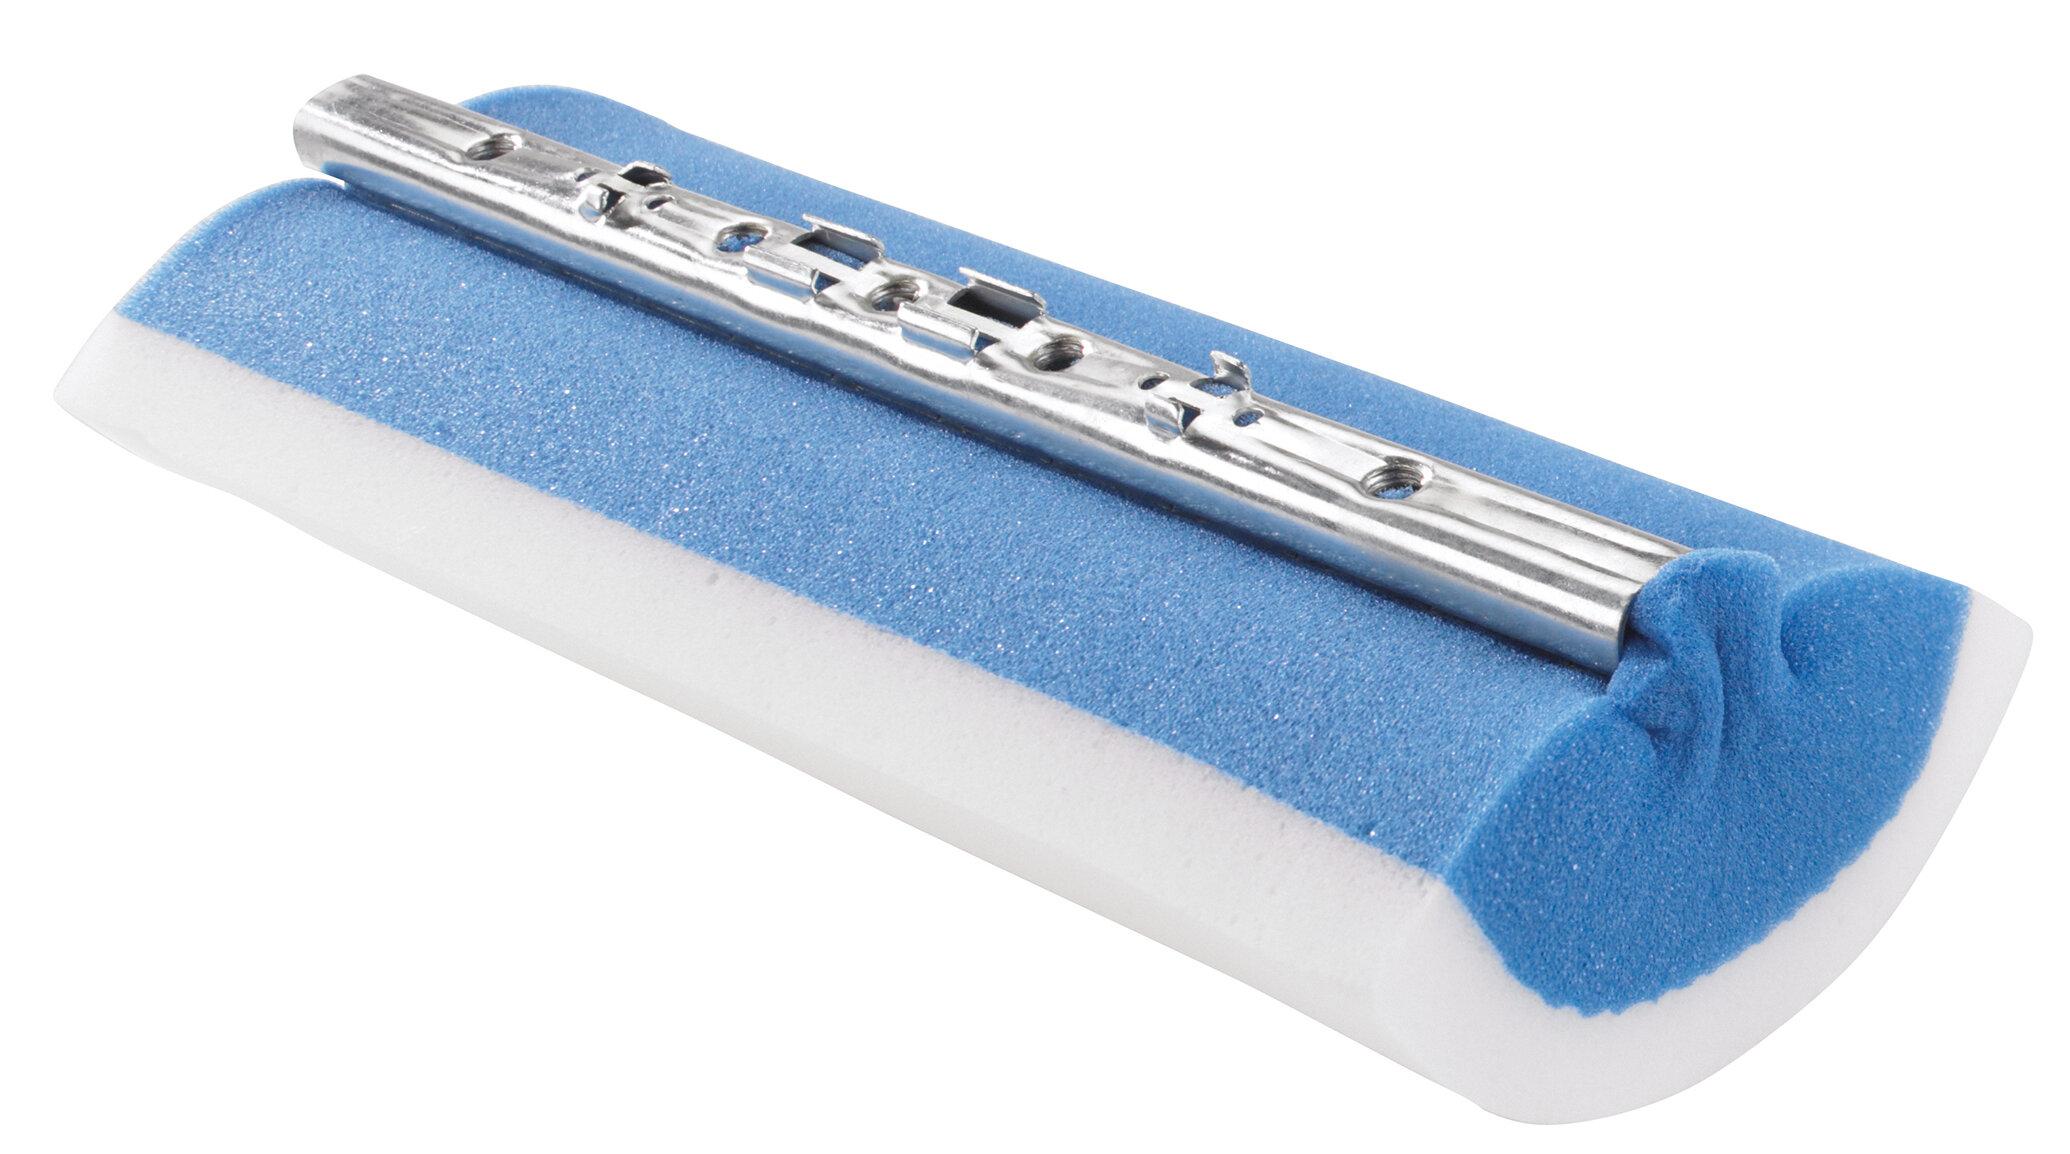 Butler Mr. Clean Magic Eraser Roller Mop Refill & Reviews | Wayfair